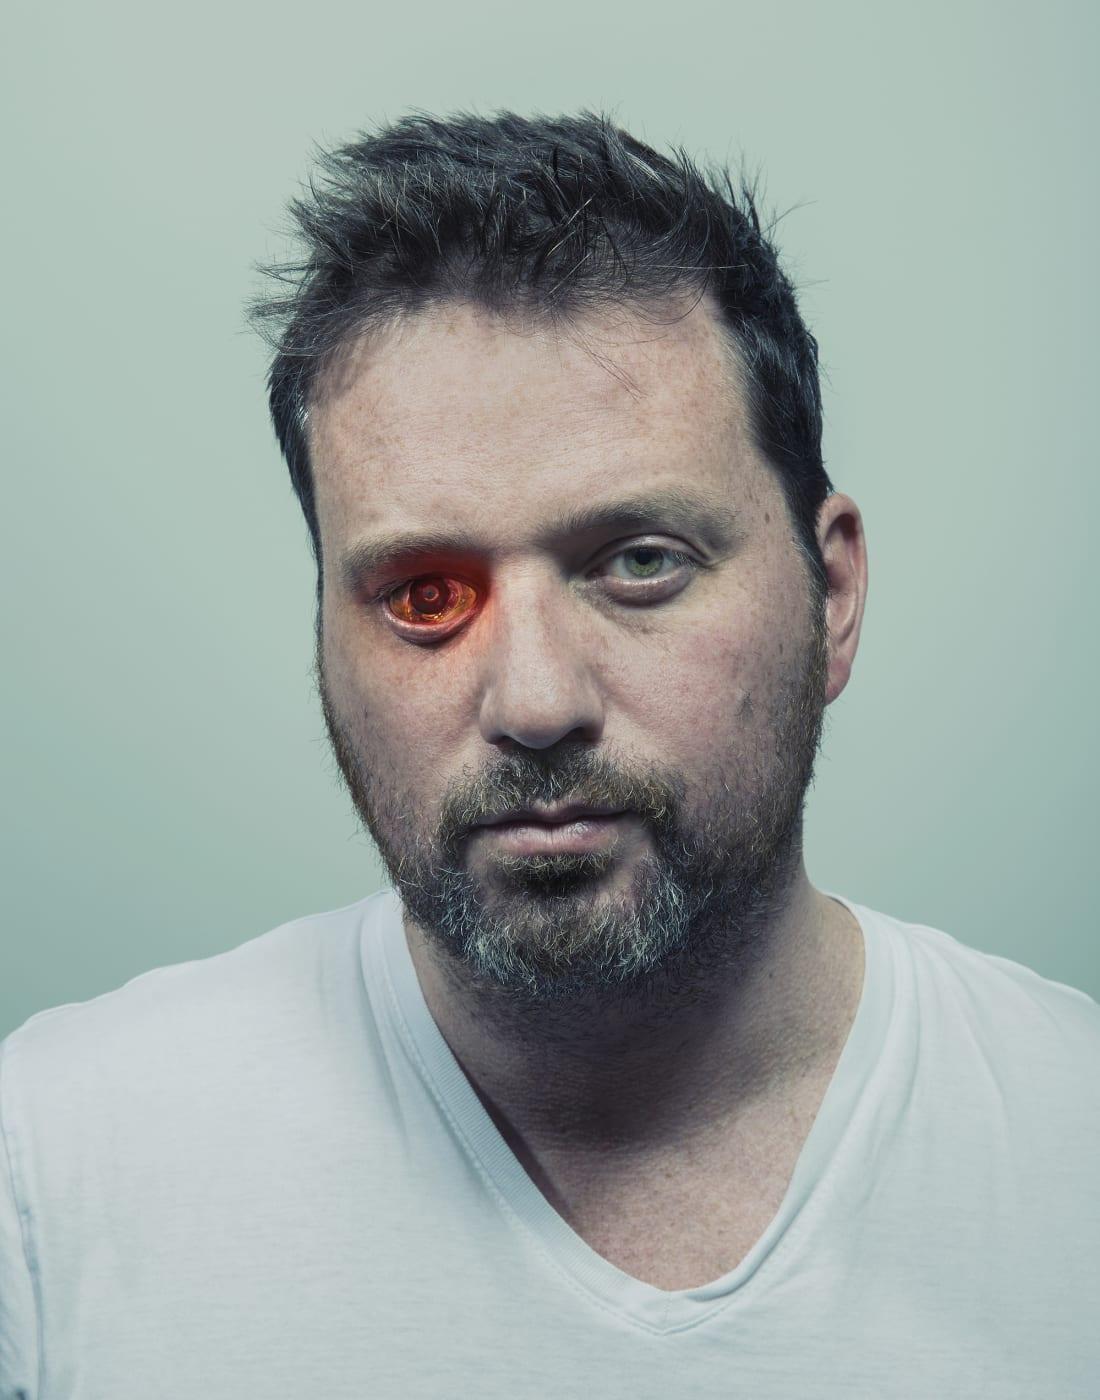 Роб Спенс установил беспроводную видеокамеру вместо правого глаза. Сам он называет себя глазборгом (eyeborg). Камера не связана с его оптическим нервом, но посылает отснятый материал компьютеру.